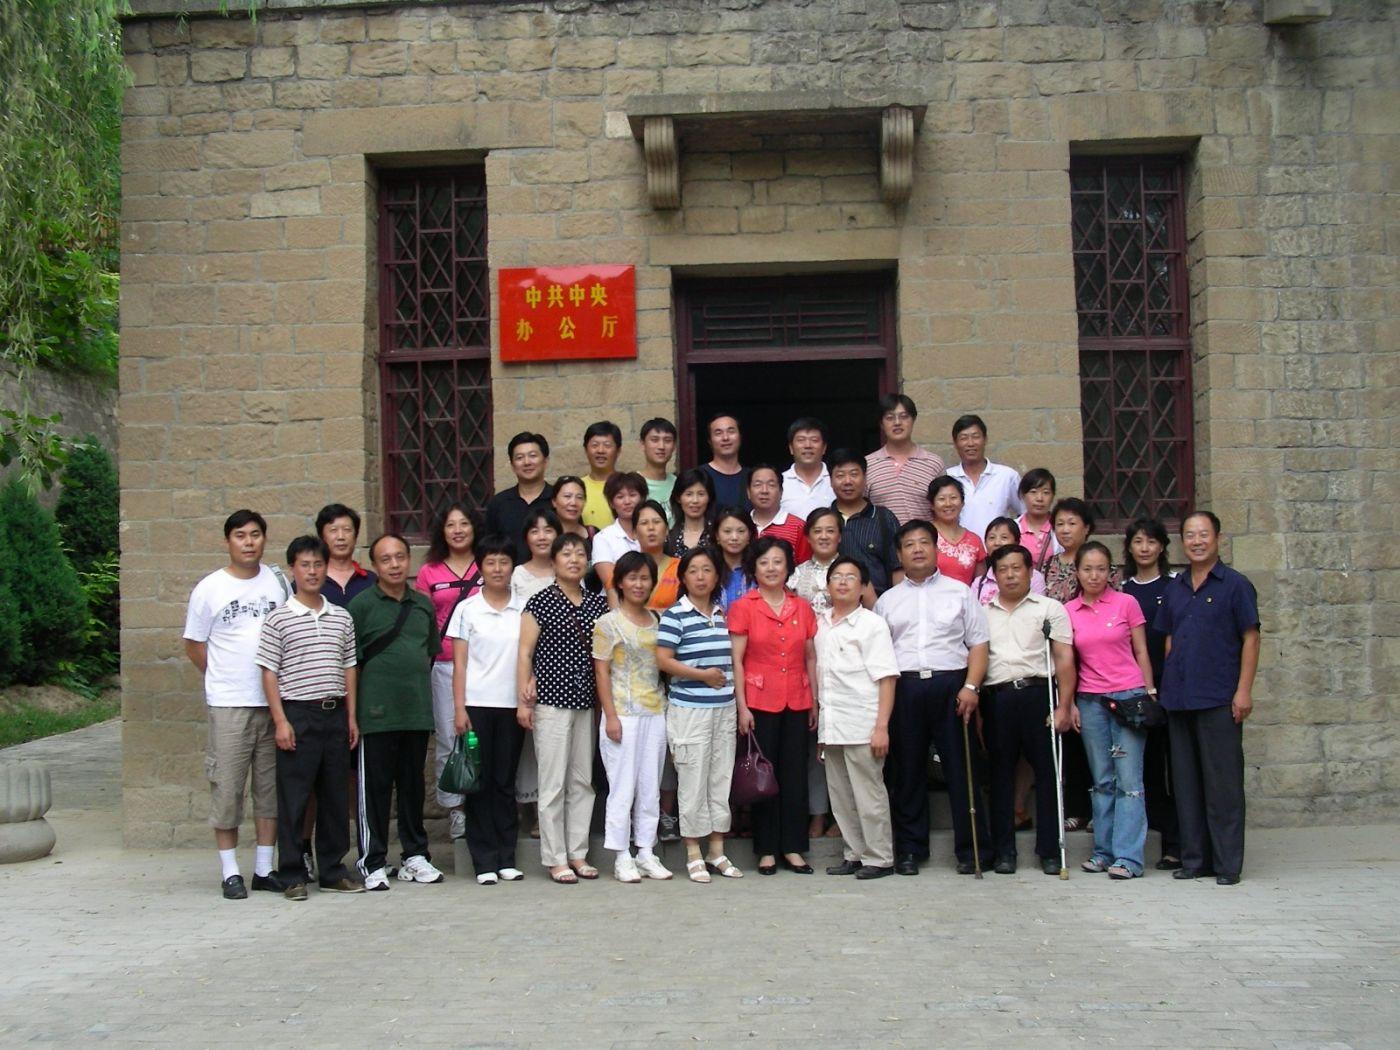 在陕西的记忆_图1-34